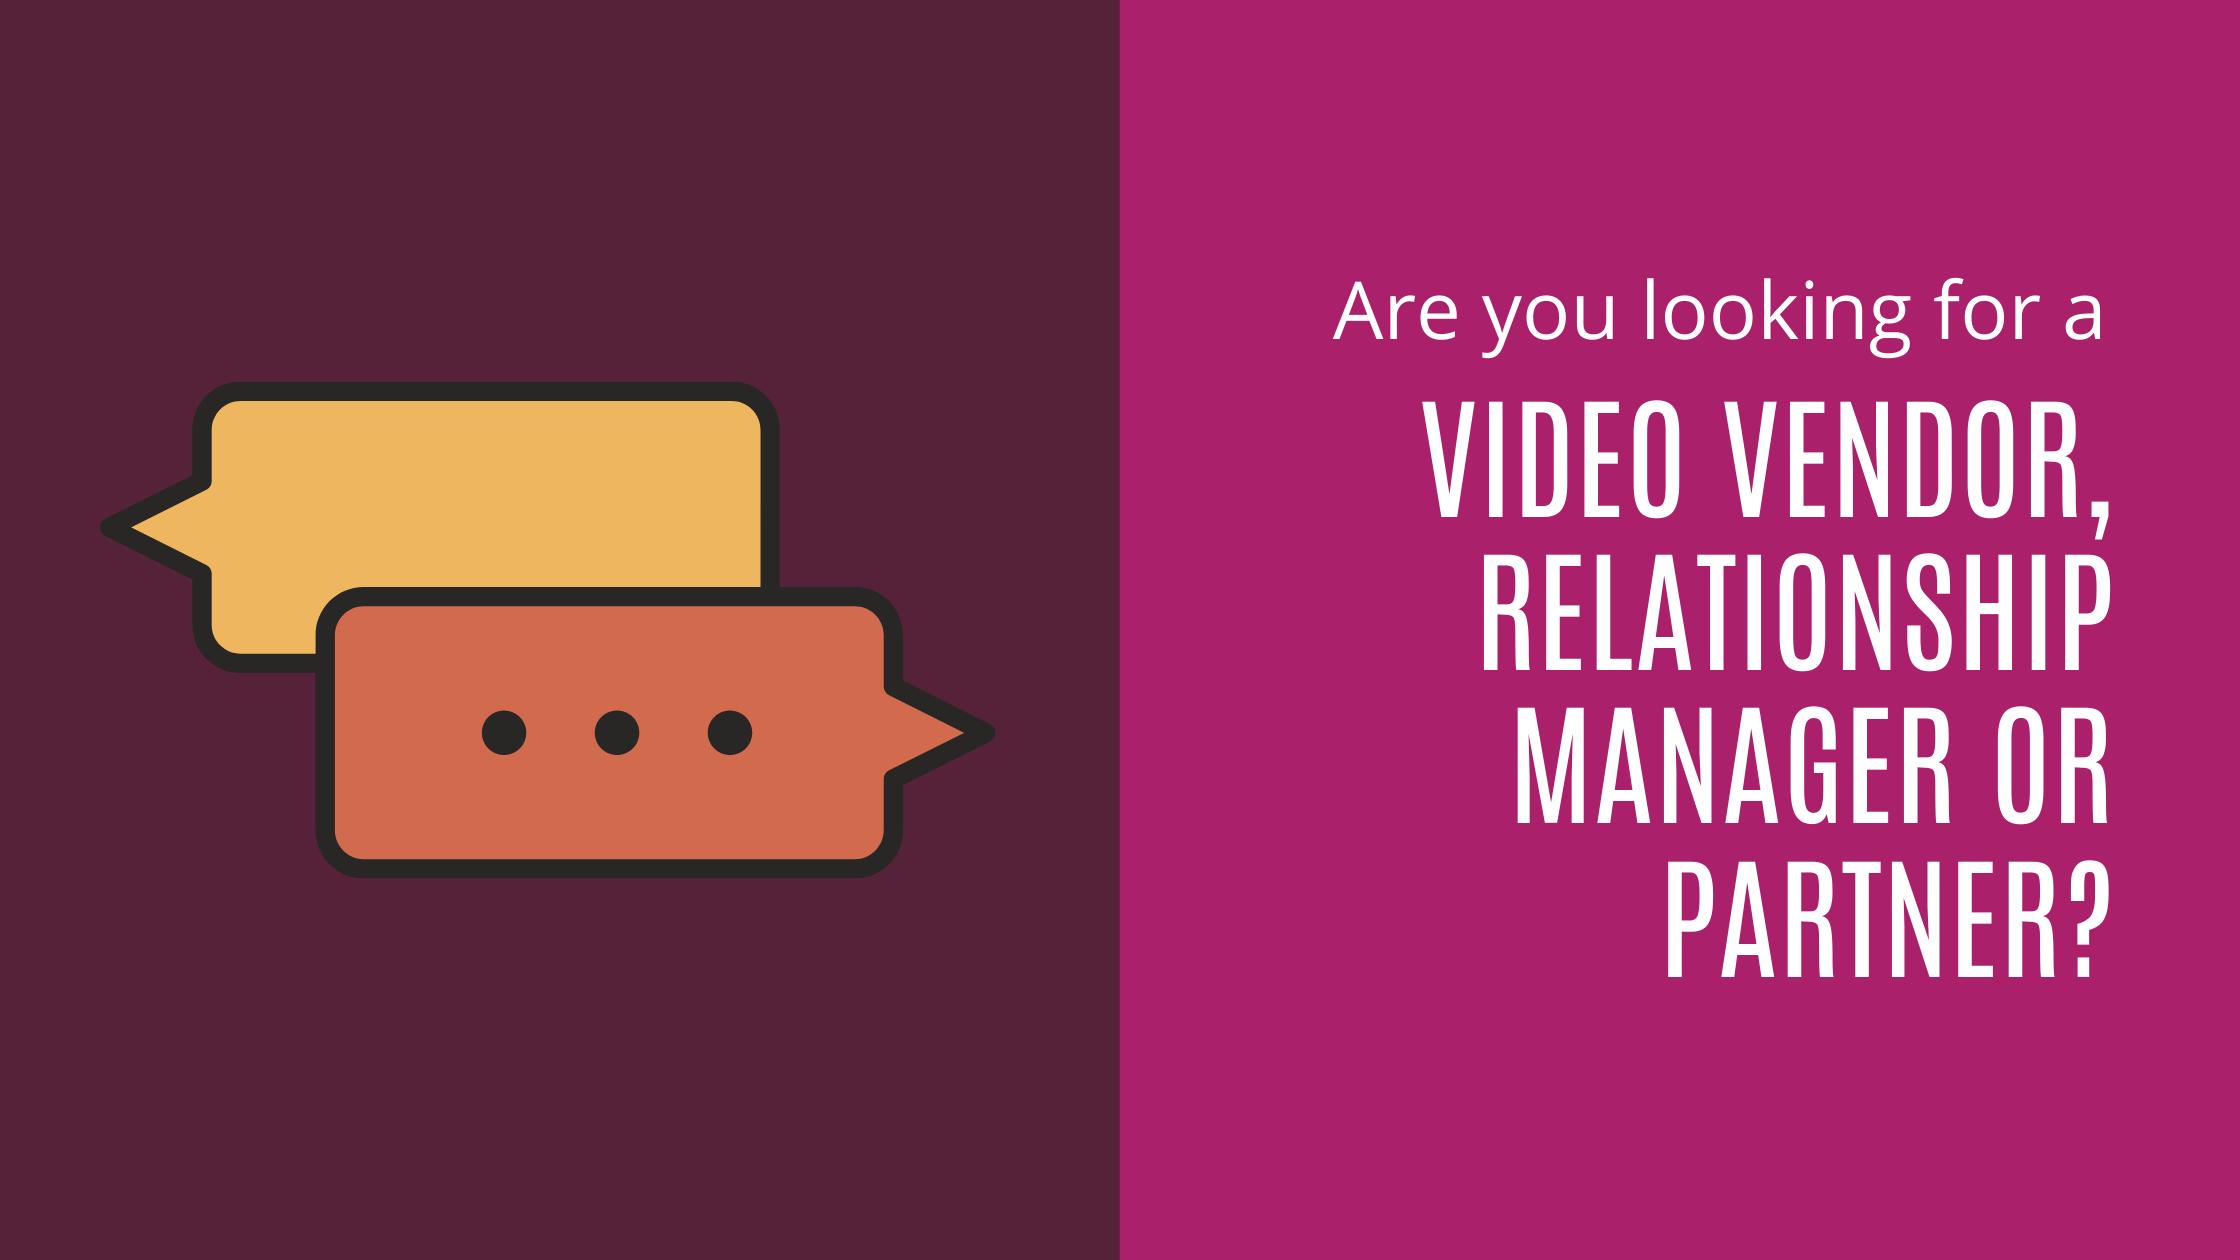 VIDEO VENDOR, RELATIONSHIP MANAGER OR PARTNER